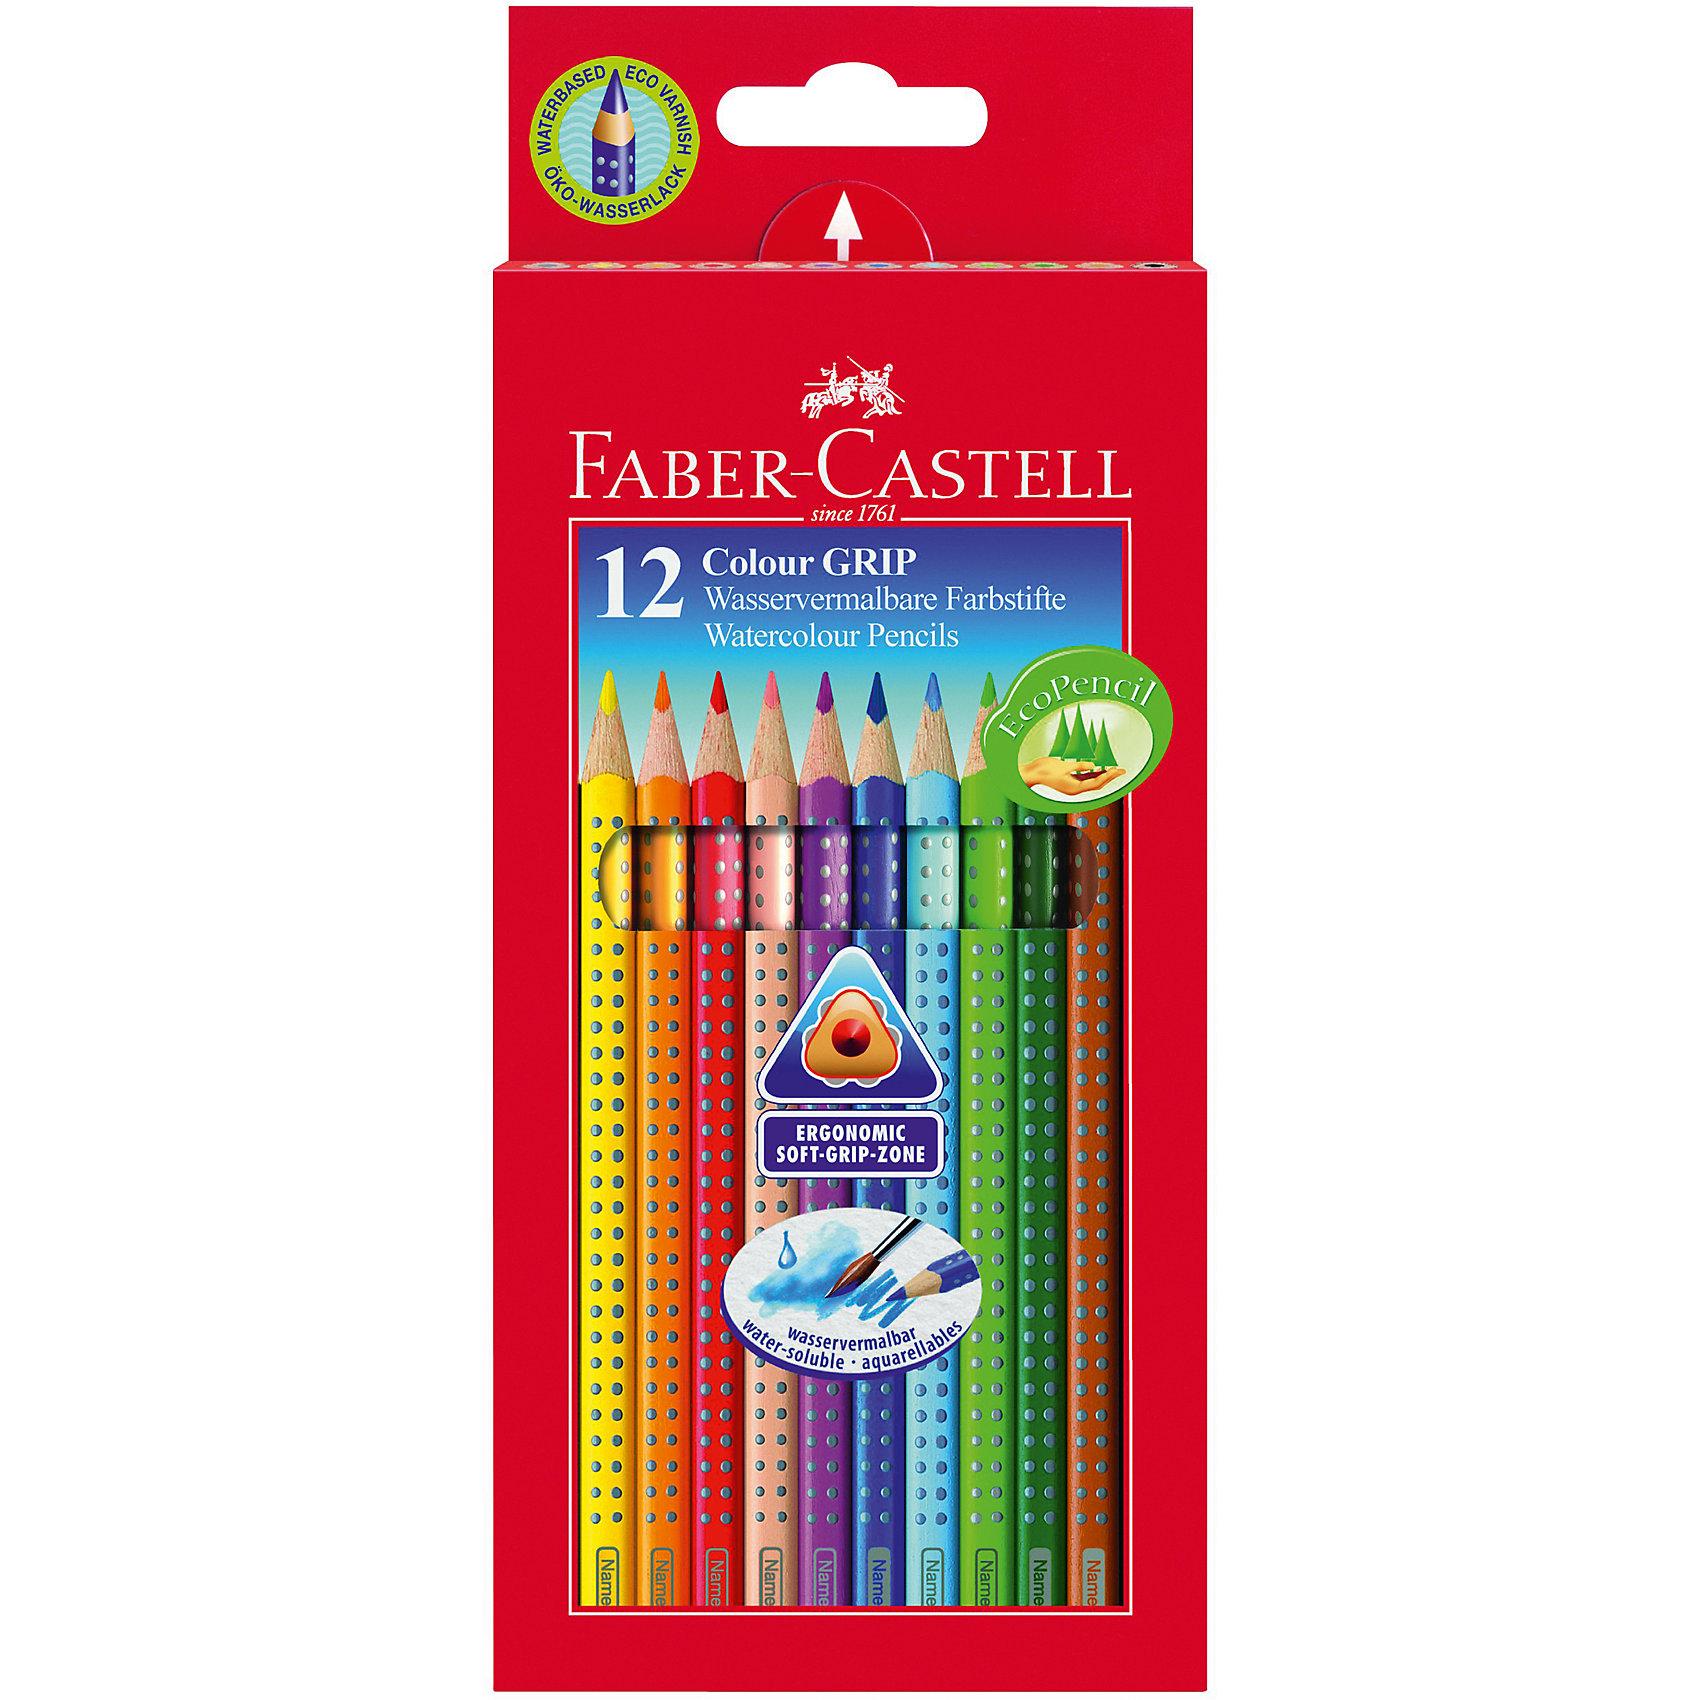 Faber-Castell Карандаши цветные Grip 2001, 12 цветовРисование<br>Трехгранные цветные карандаши цветные Faber-Castell Grip 2001  - это карандаши удобной эргономической формы. Запатентованная GRIP антискользящая зона захвата с малыми массажными шашечками. Яркие, насыщенные цвета. Специальная технология вклеивания грифеля делает его более прочным и снижает ломкость. Грифель размывается водой. Карандаши покрыты лаком на водной основе – бережным по отношению к окружающей среде и здоровью детей. Качественная древесина – гарантия легкого затачивания при помощи стандартных точилок. Карандаши отстирываются с большинства тканей.<br><br>Ширина мм: 9999<br>Глубина мм: 9999<br>Высота мм: 9999<br>Вес г: 76<br>Возраст от месяцев: 36<br>Возраст до месяцев: 2147483647<br>Пол: Унисекс<br>Возраст: Детский<br>SKU: 6725470